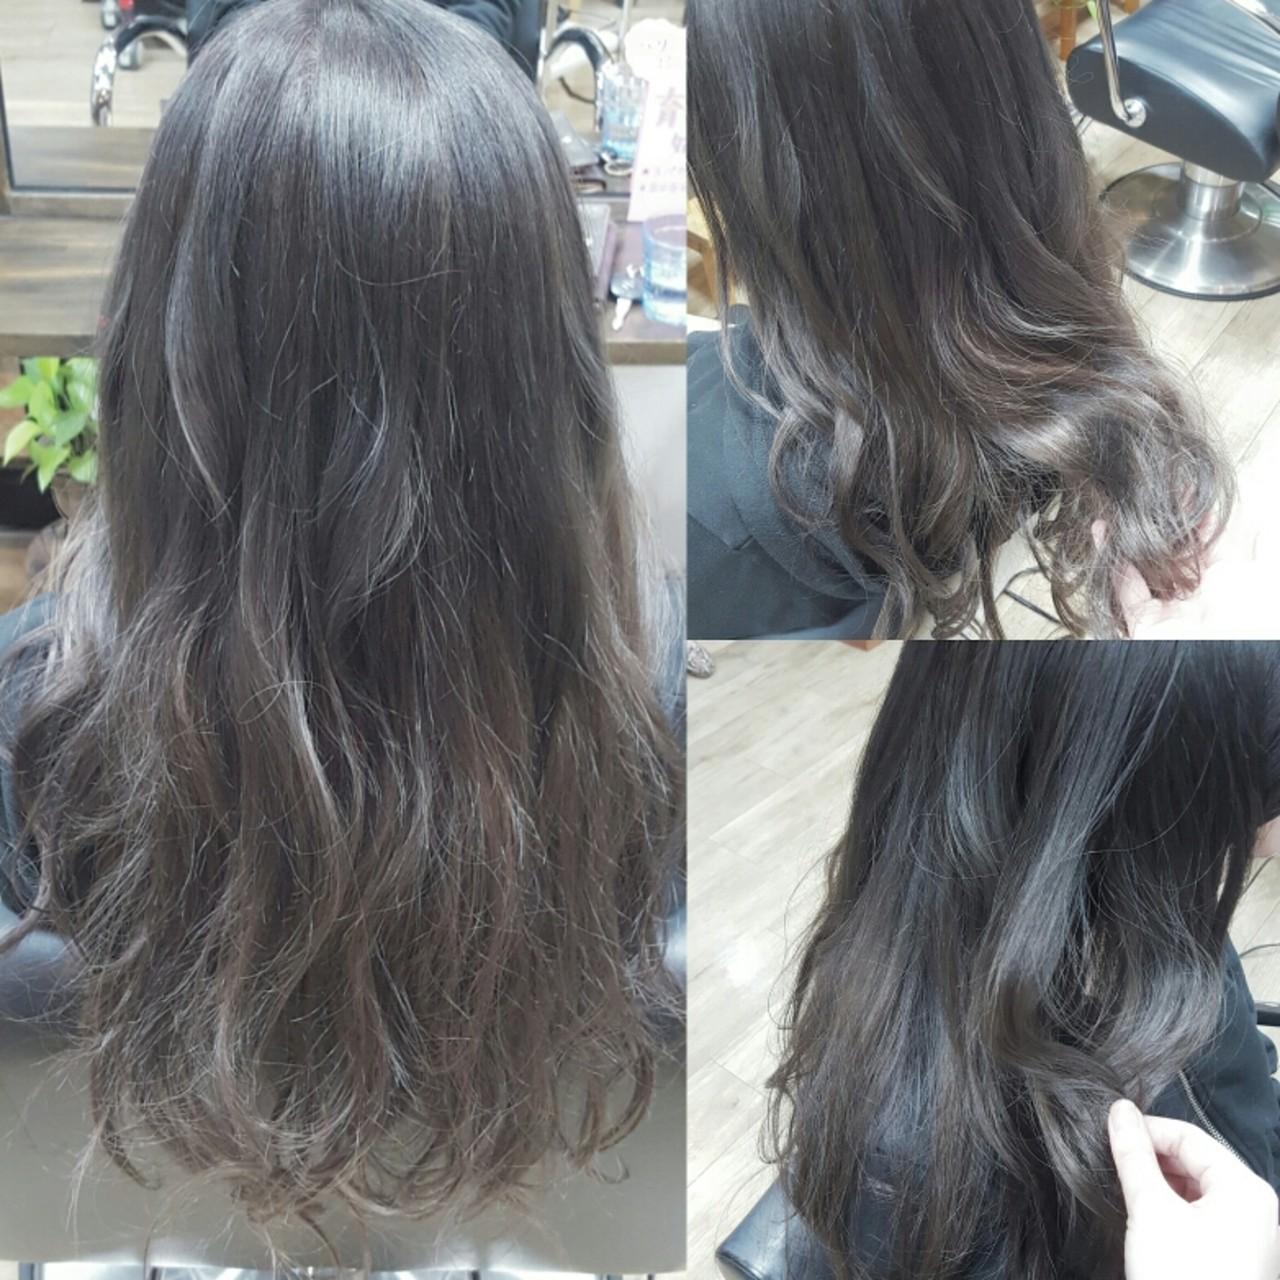 アッシュグレージュ ゆるふわ ストリート ロングヘアスタイルや髪型の写真・画像